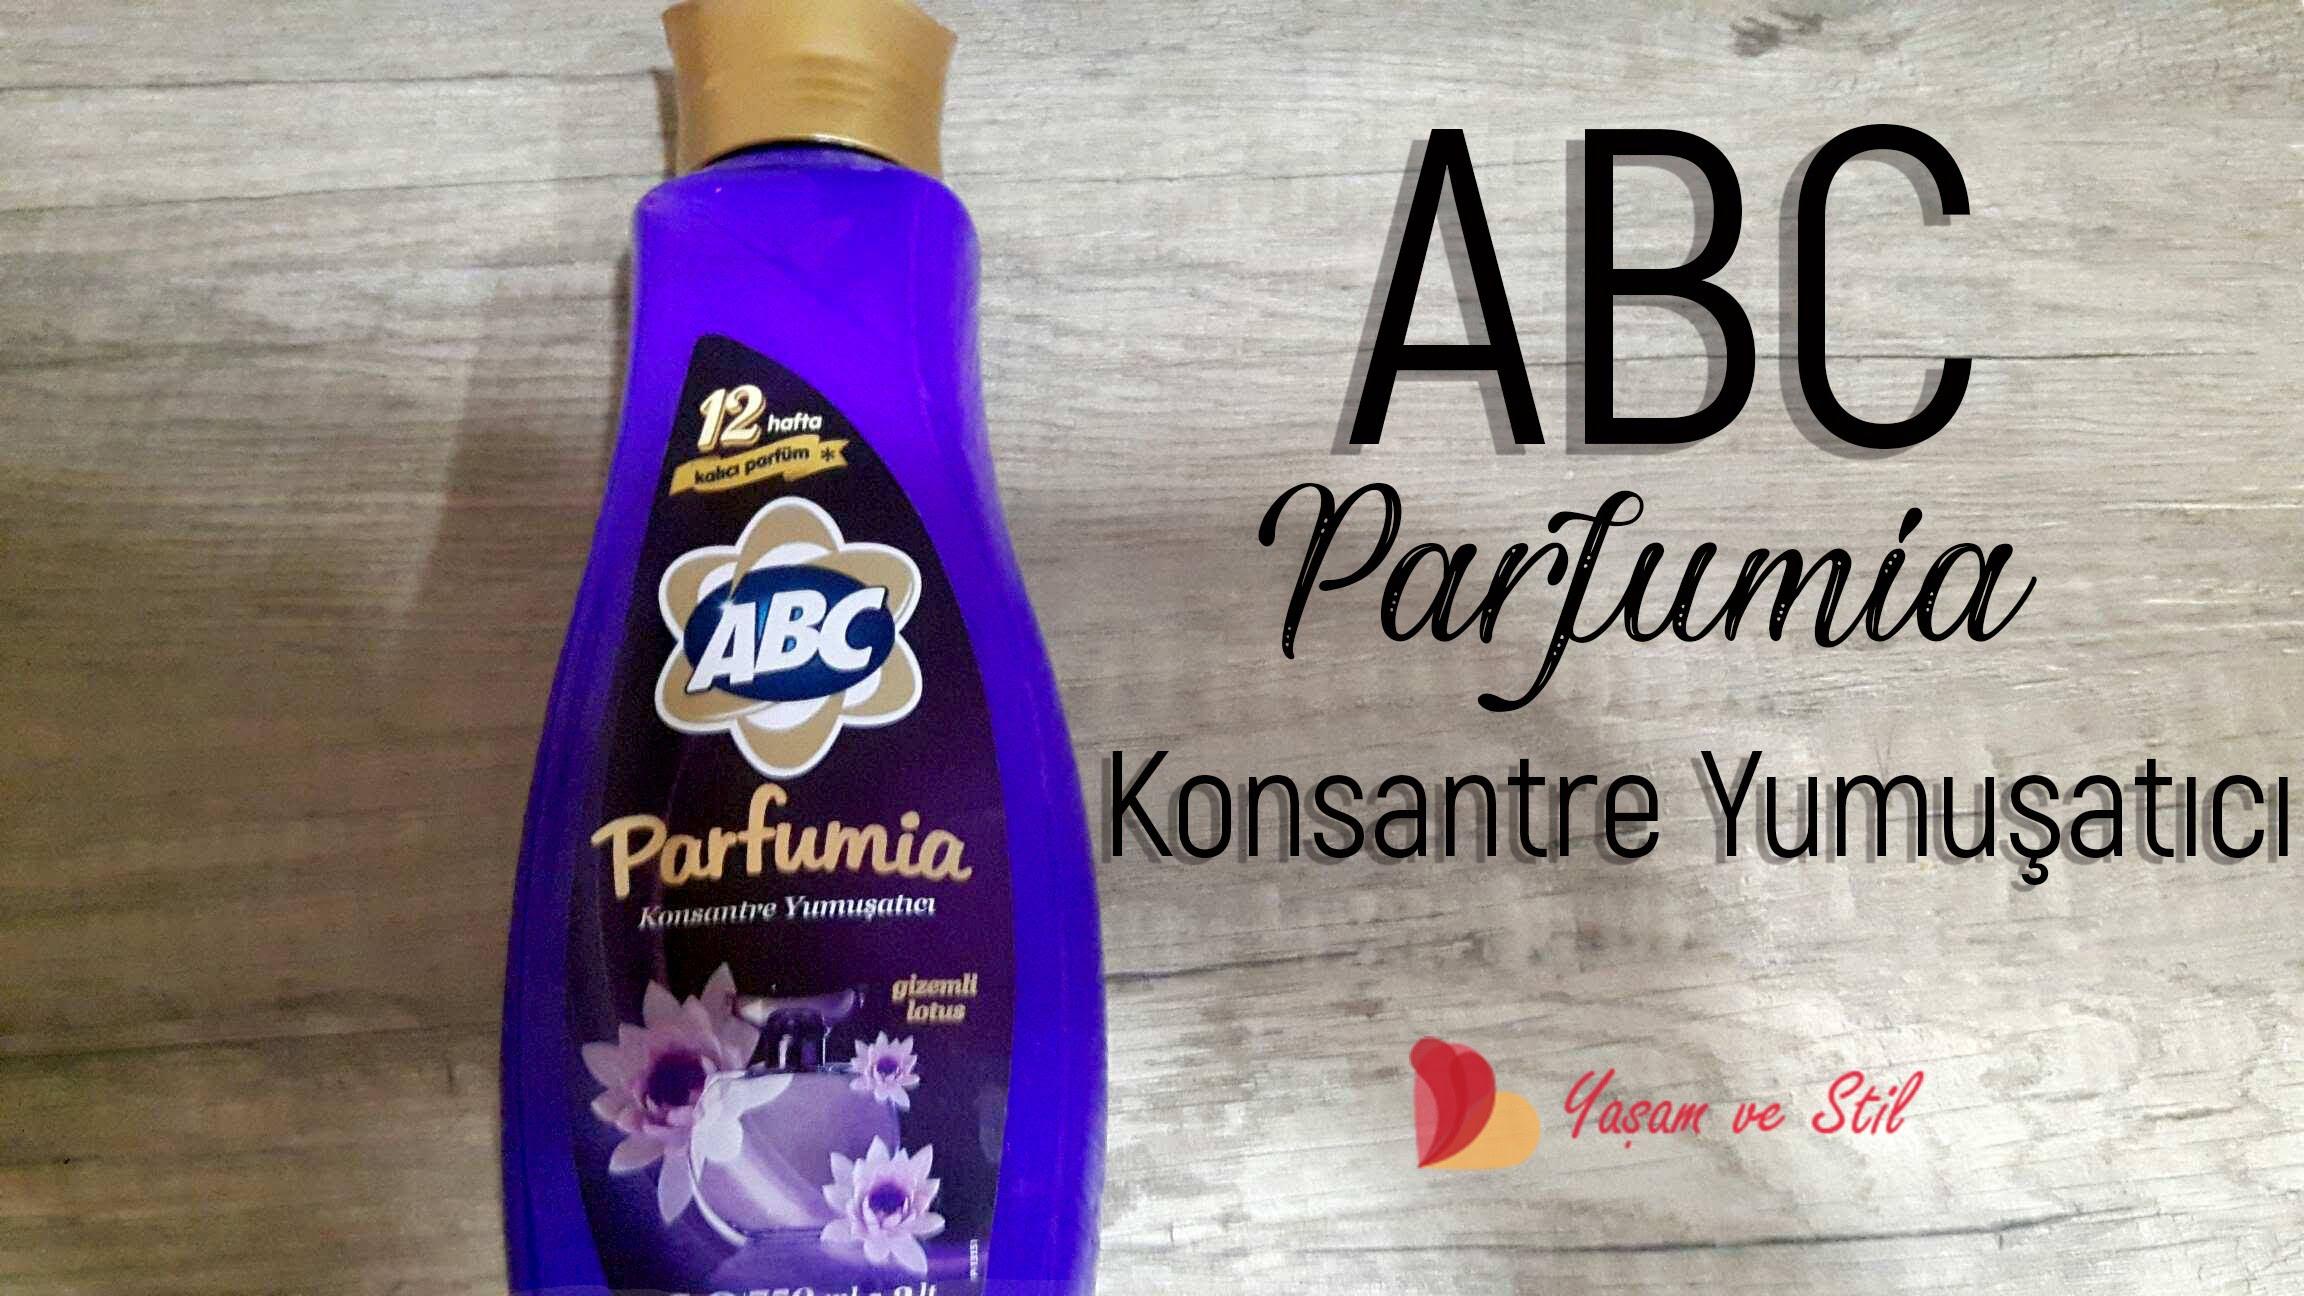 ABC Parfumia Konsantre Yumuşatıcı Kullanıcı Yorumları